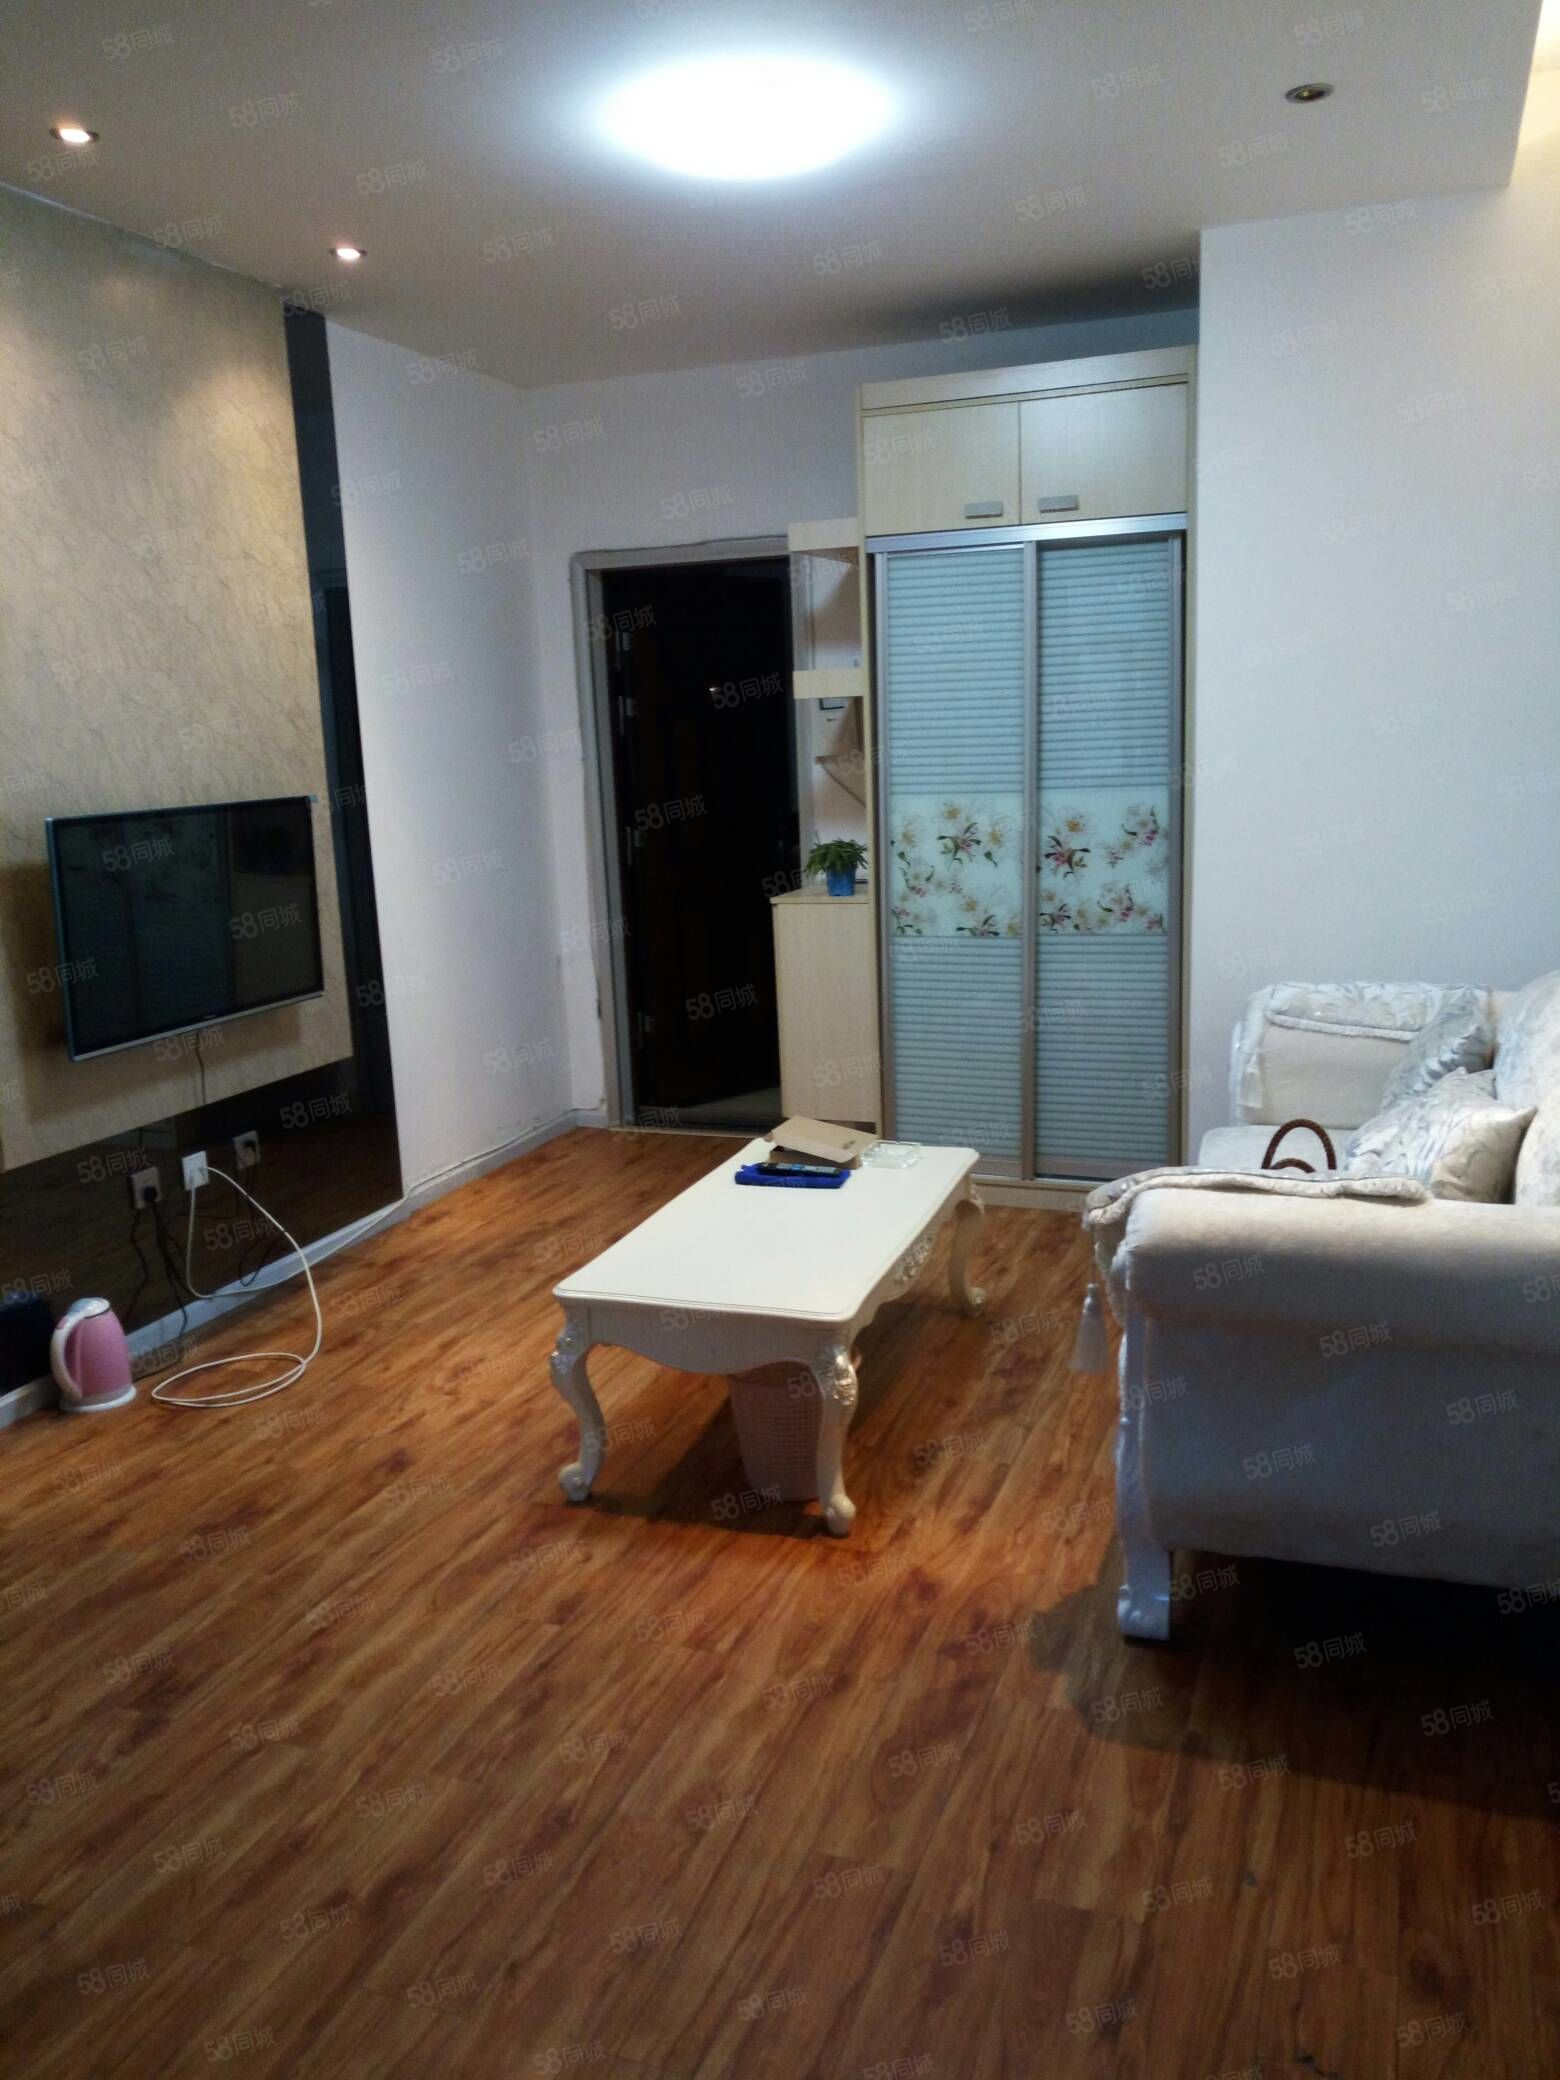 文沁世家公寓房1室1厅,精装修家具家电齐全,可季租,押一付一